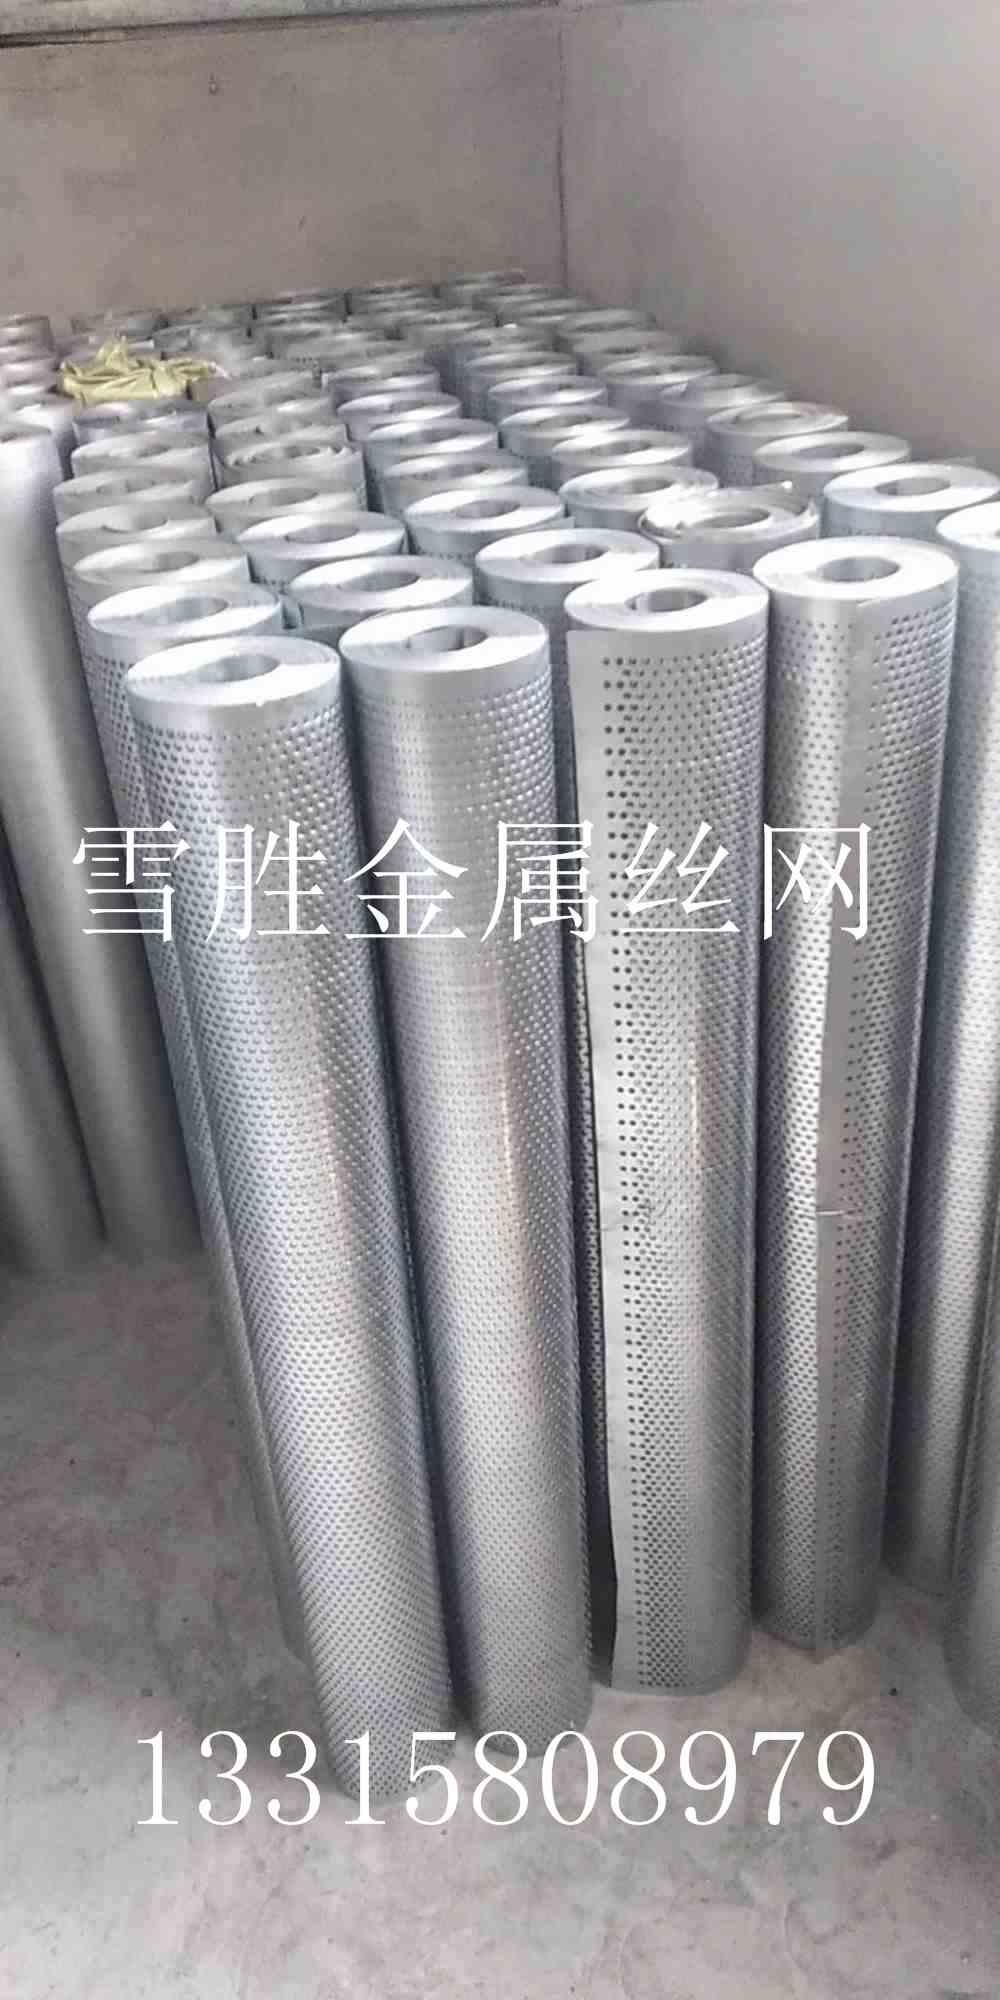 不锈钢冲孔-专业的冲孔板厂家推荐